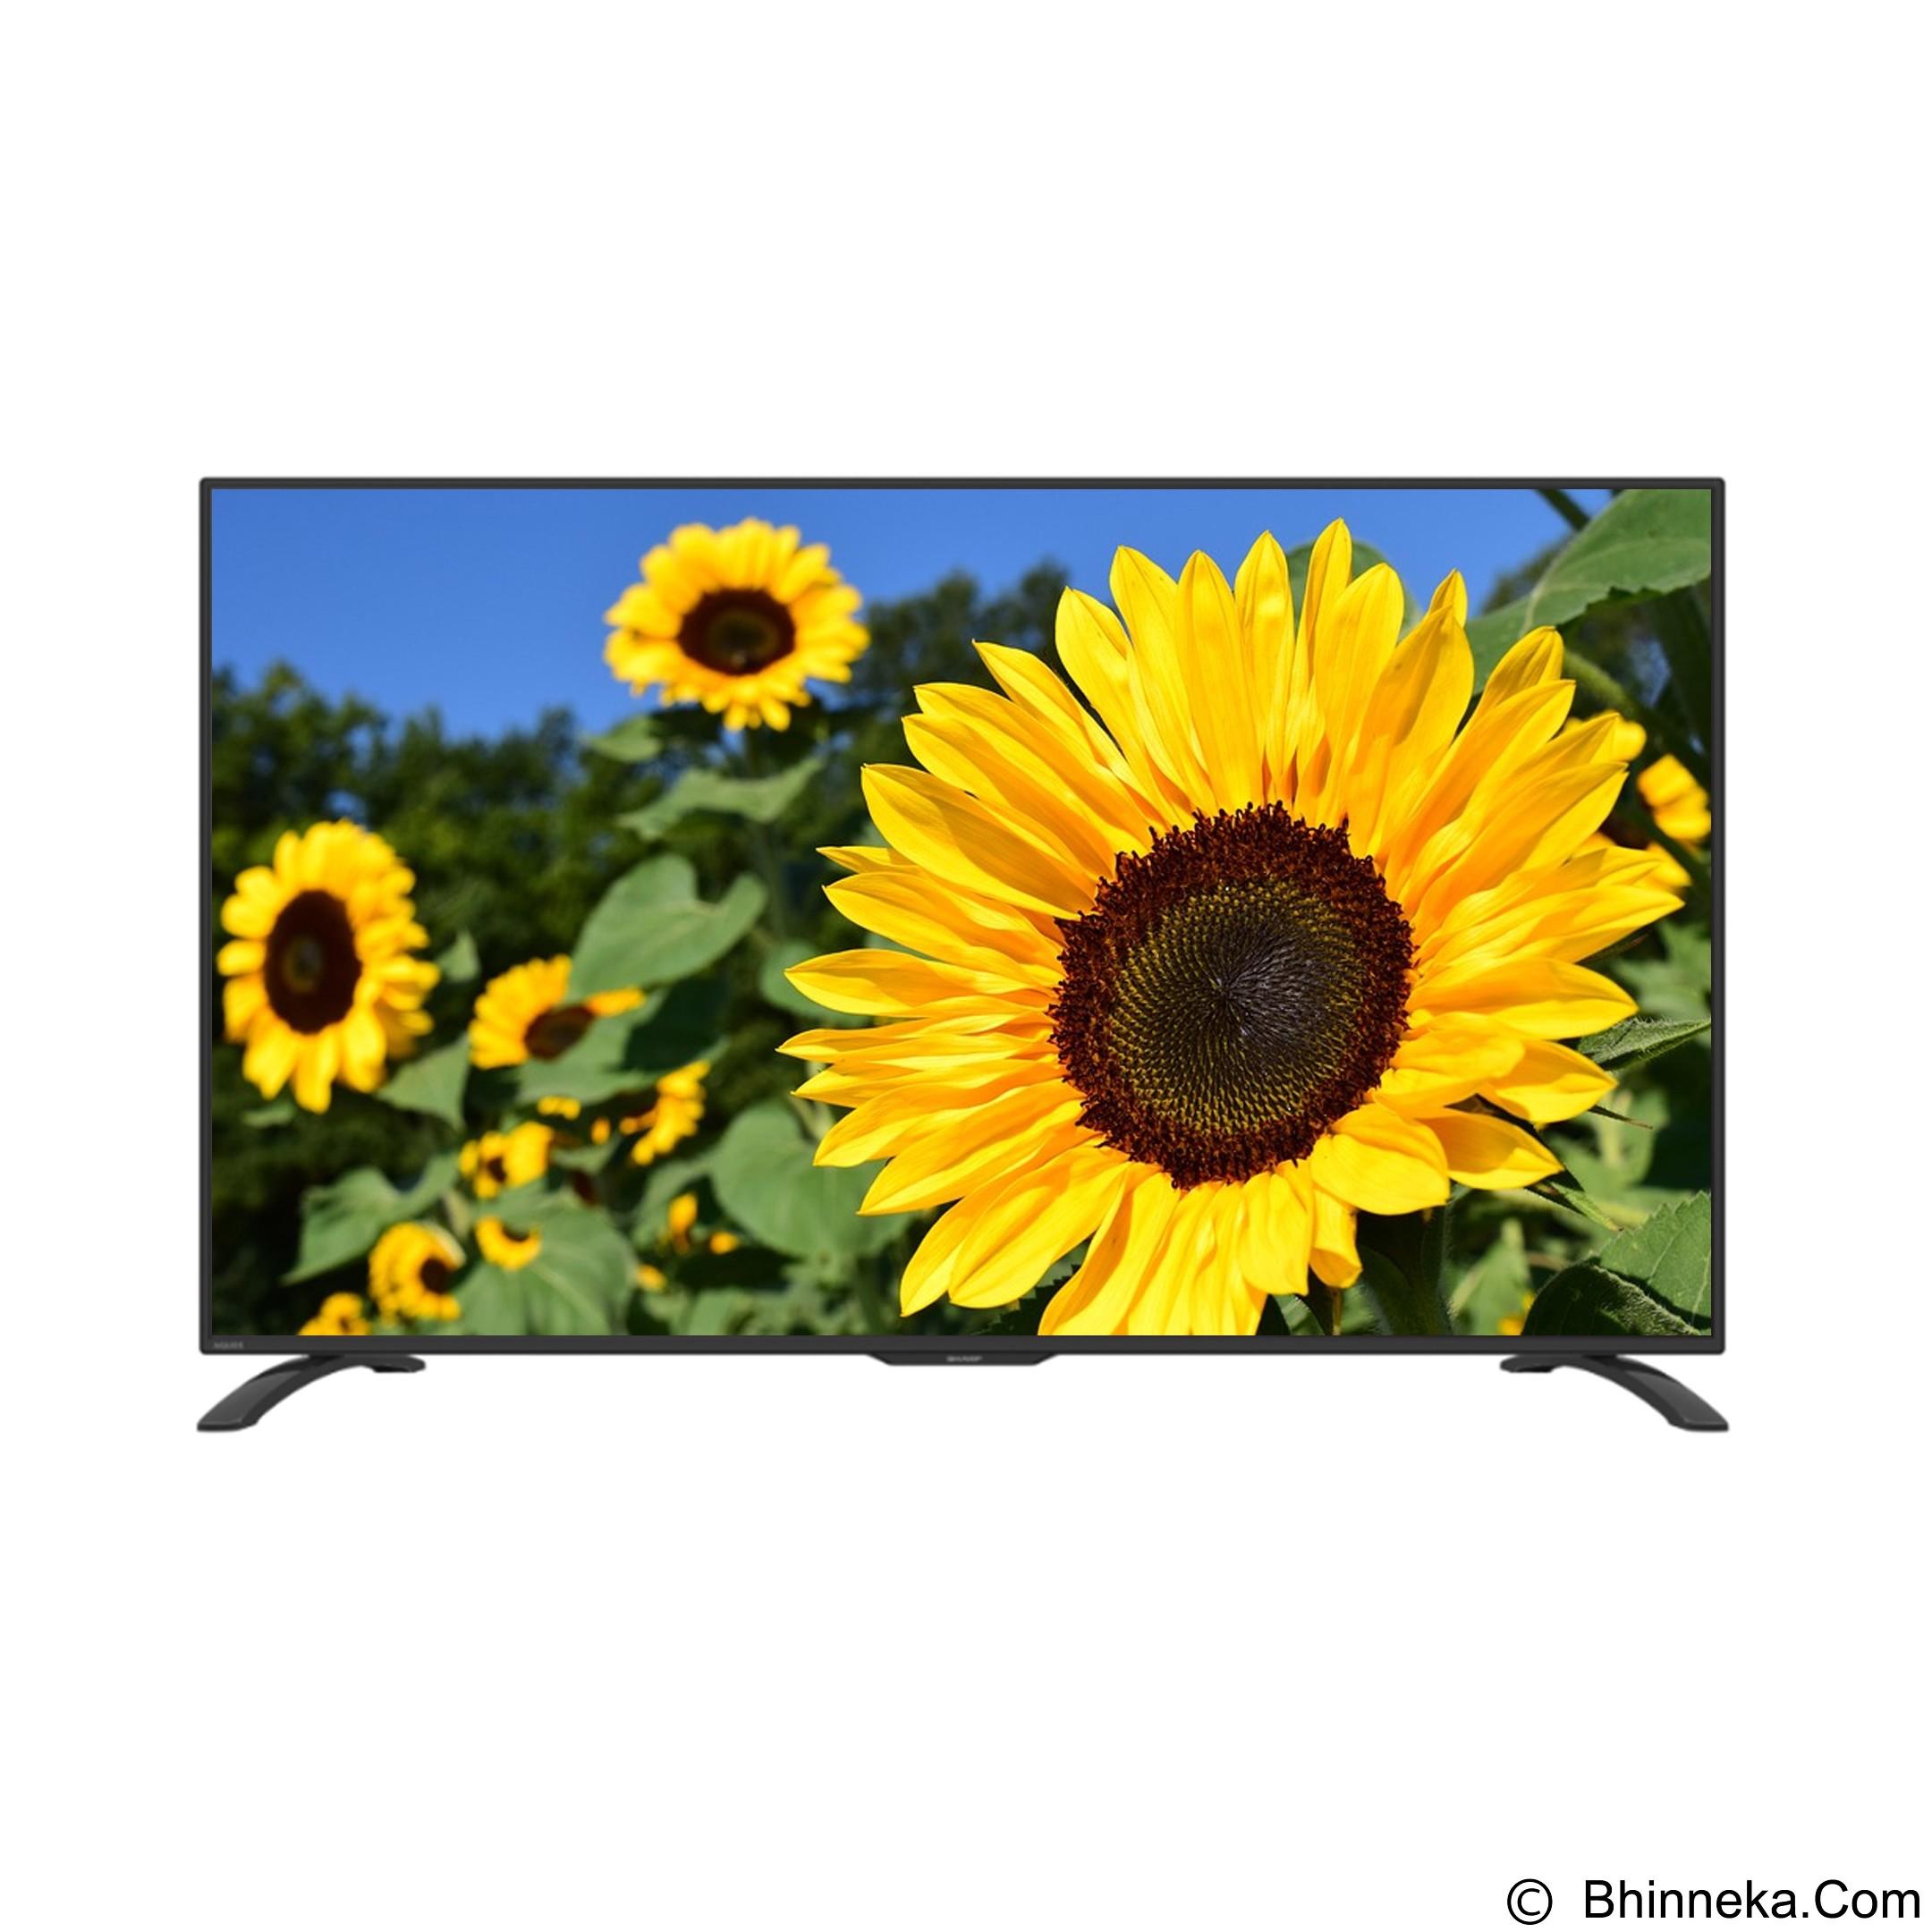 SHARP 60 Inch TV LED [LC-60LE275X]